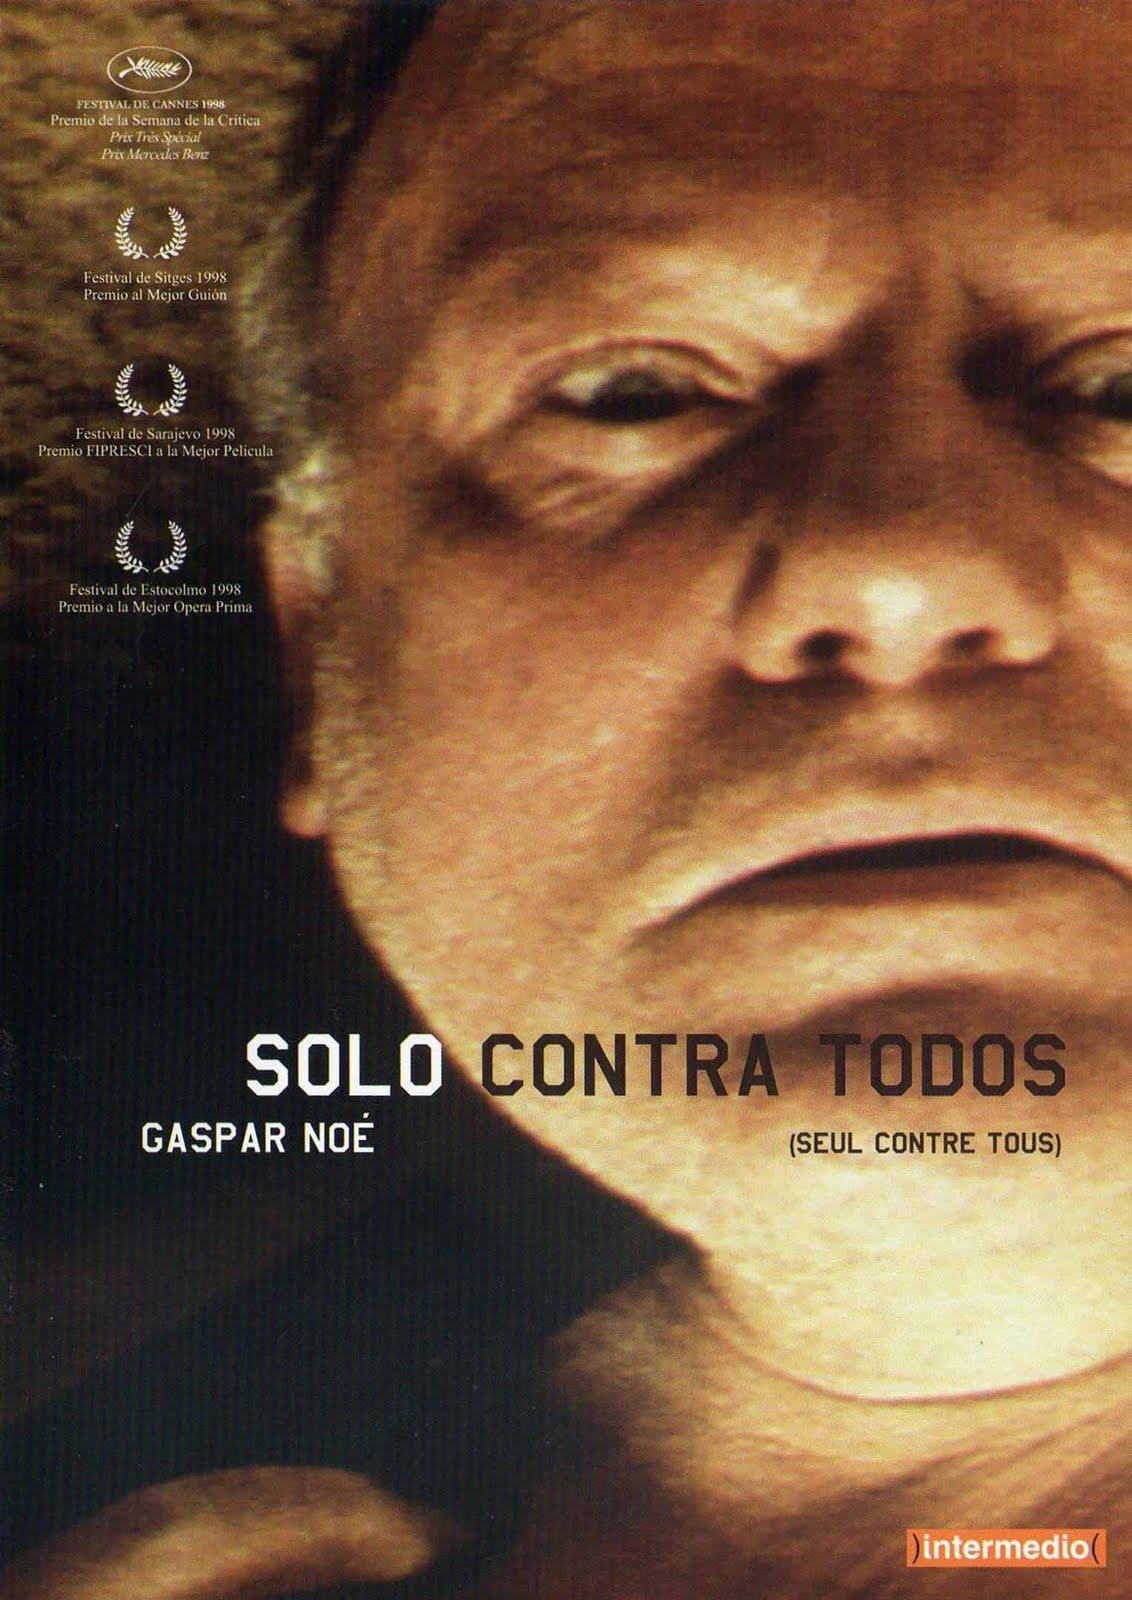 Solo_Contra_Todos_Por_Werther1967_-_dvd.jpg